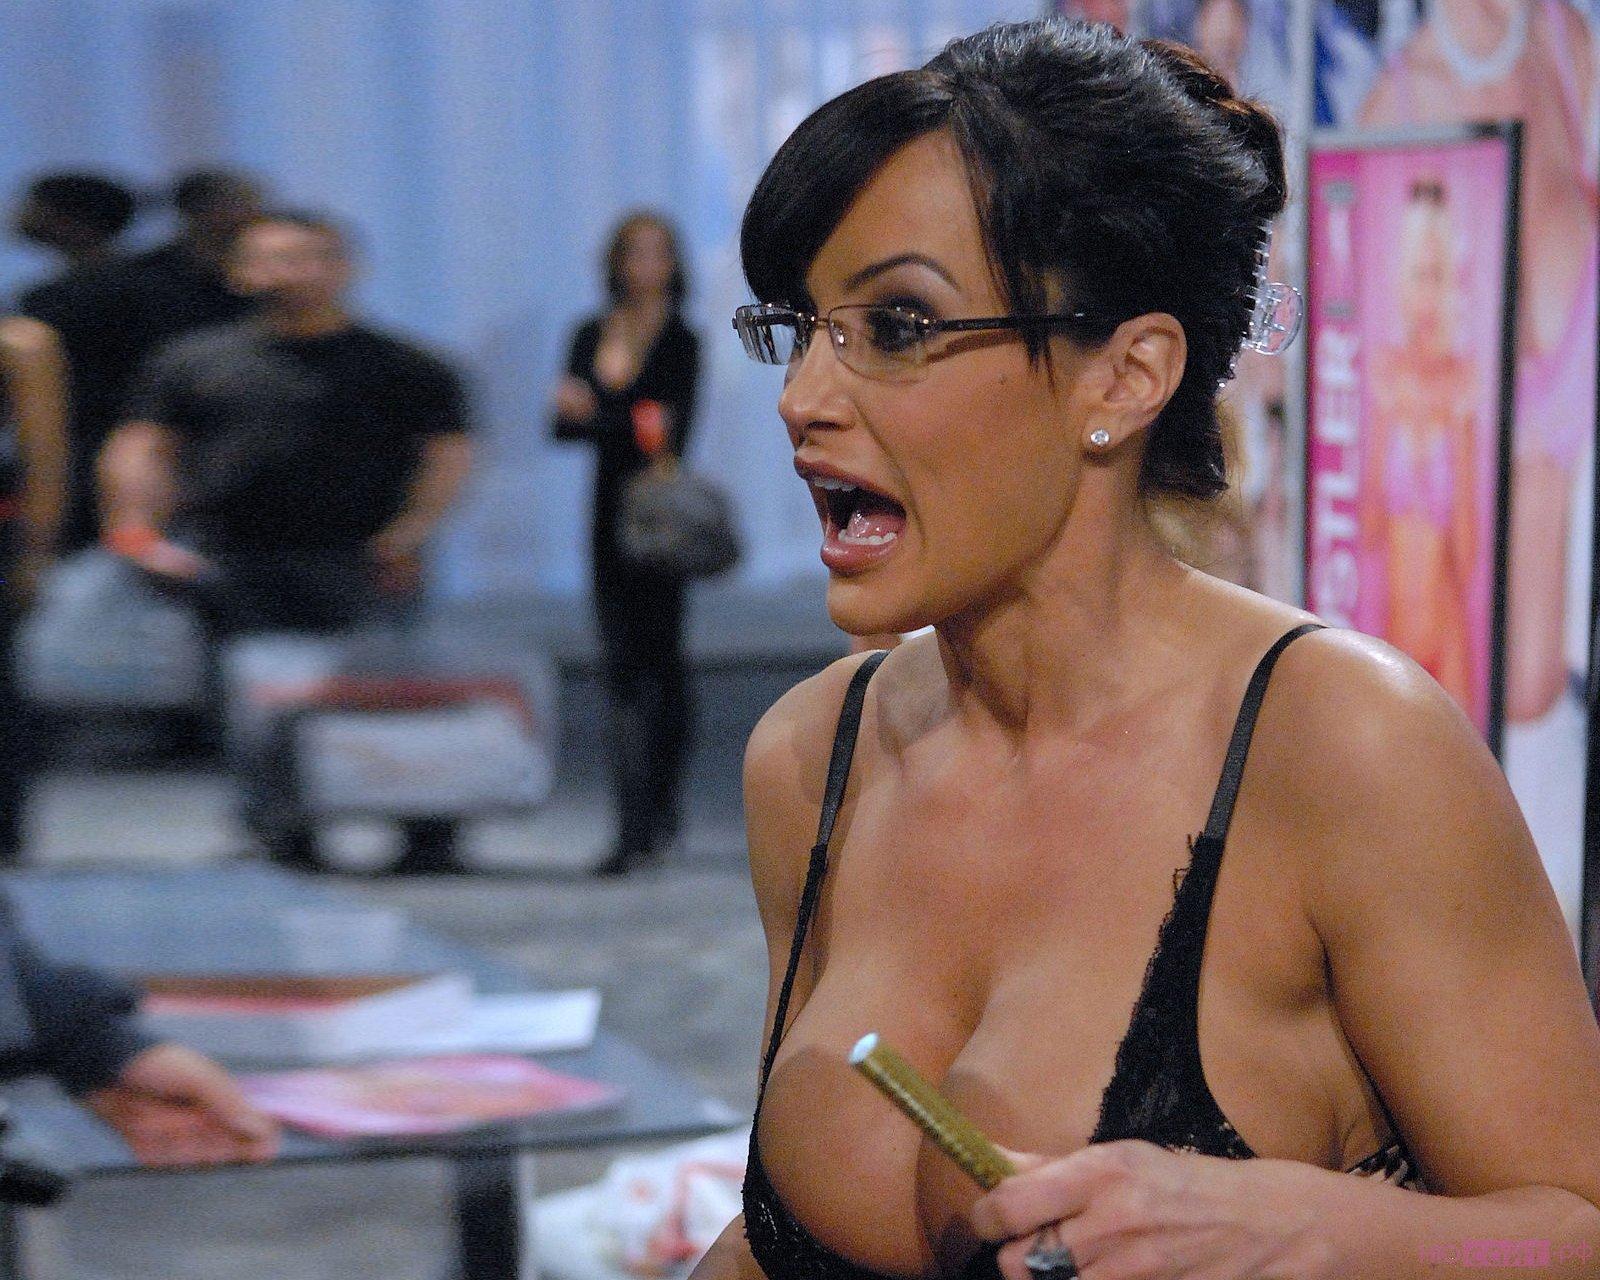 ann lisa в роли проститутки